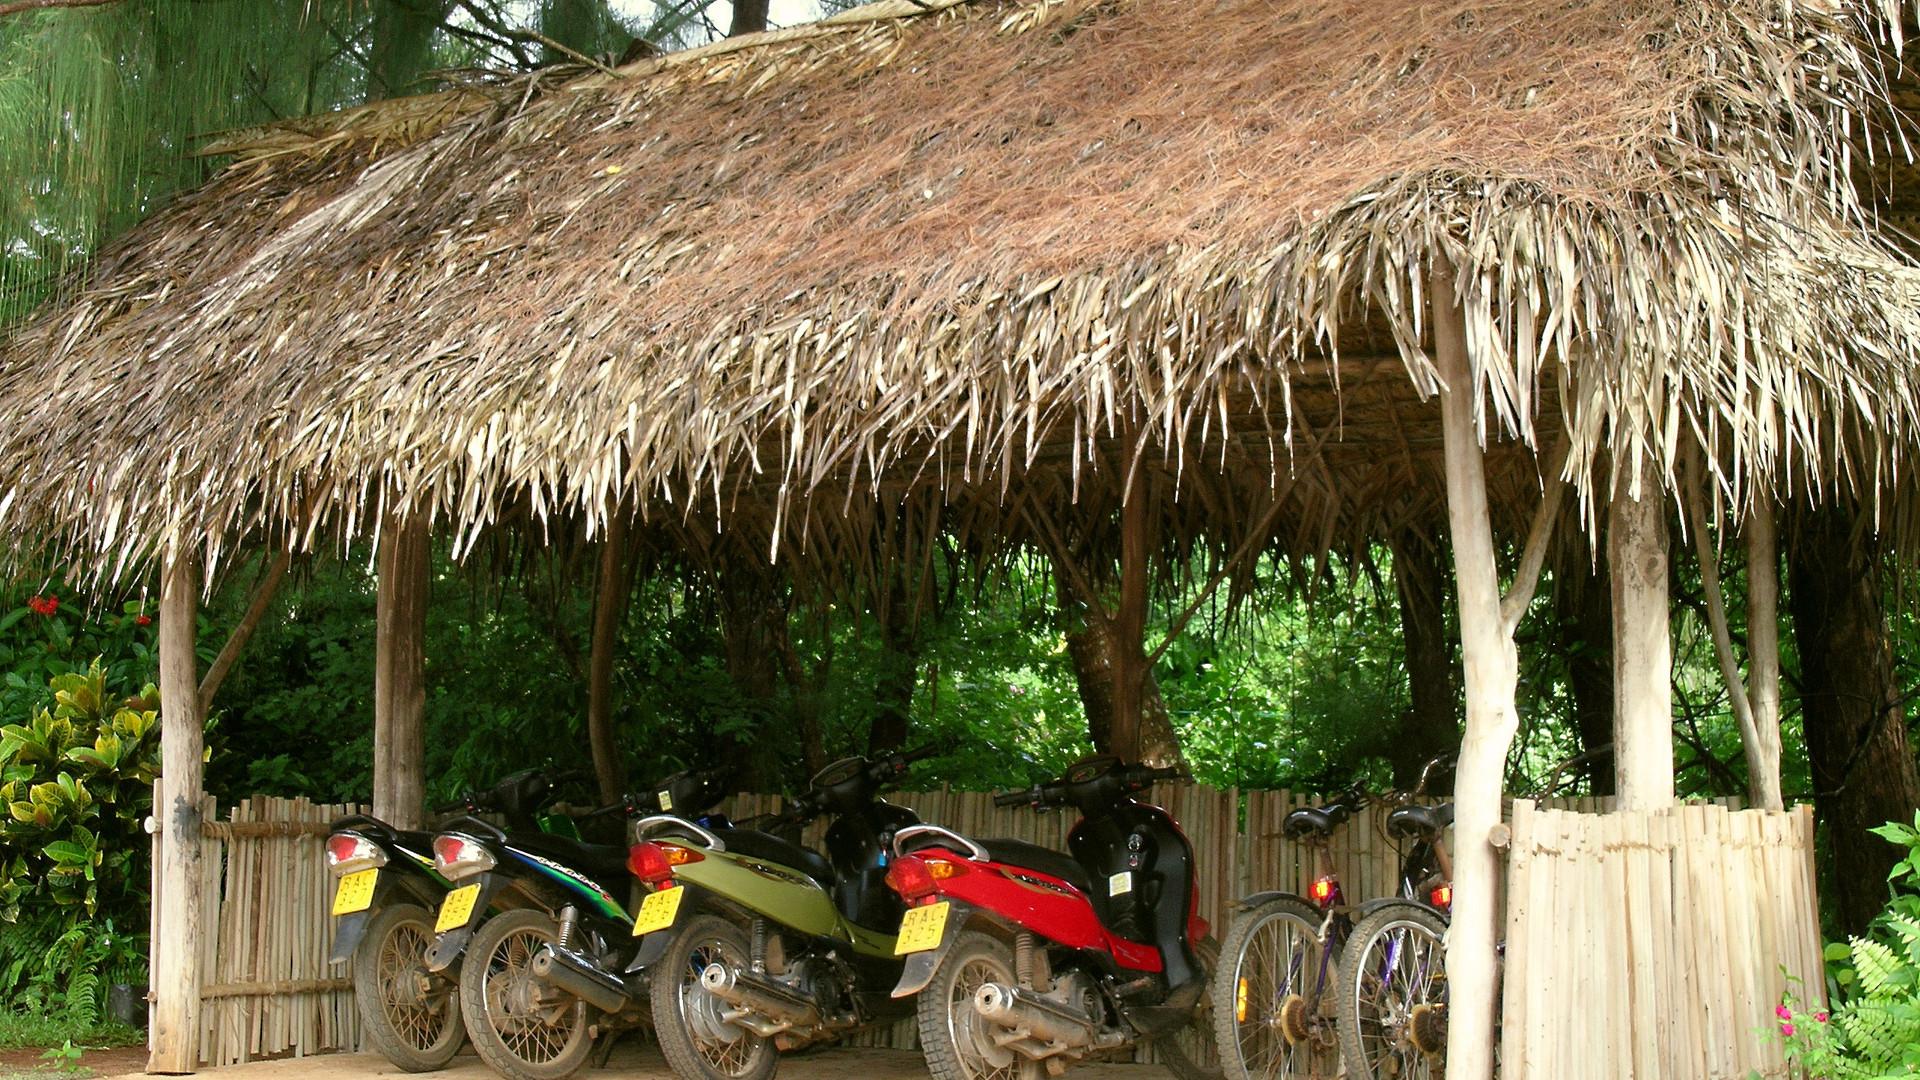 Atiu_Villas-Mopeds